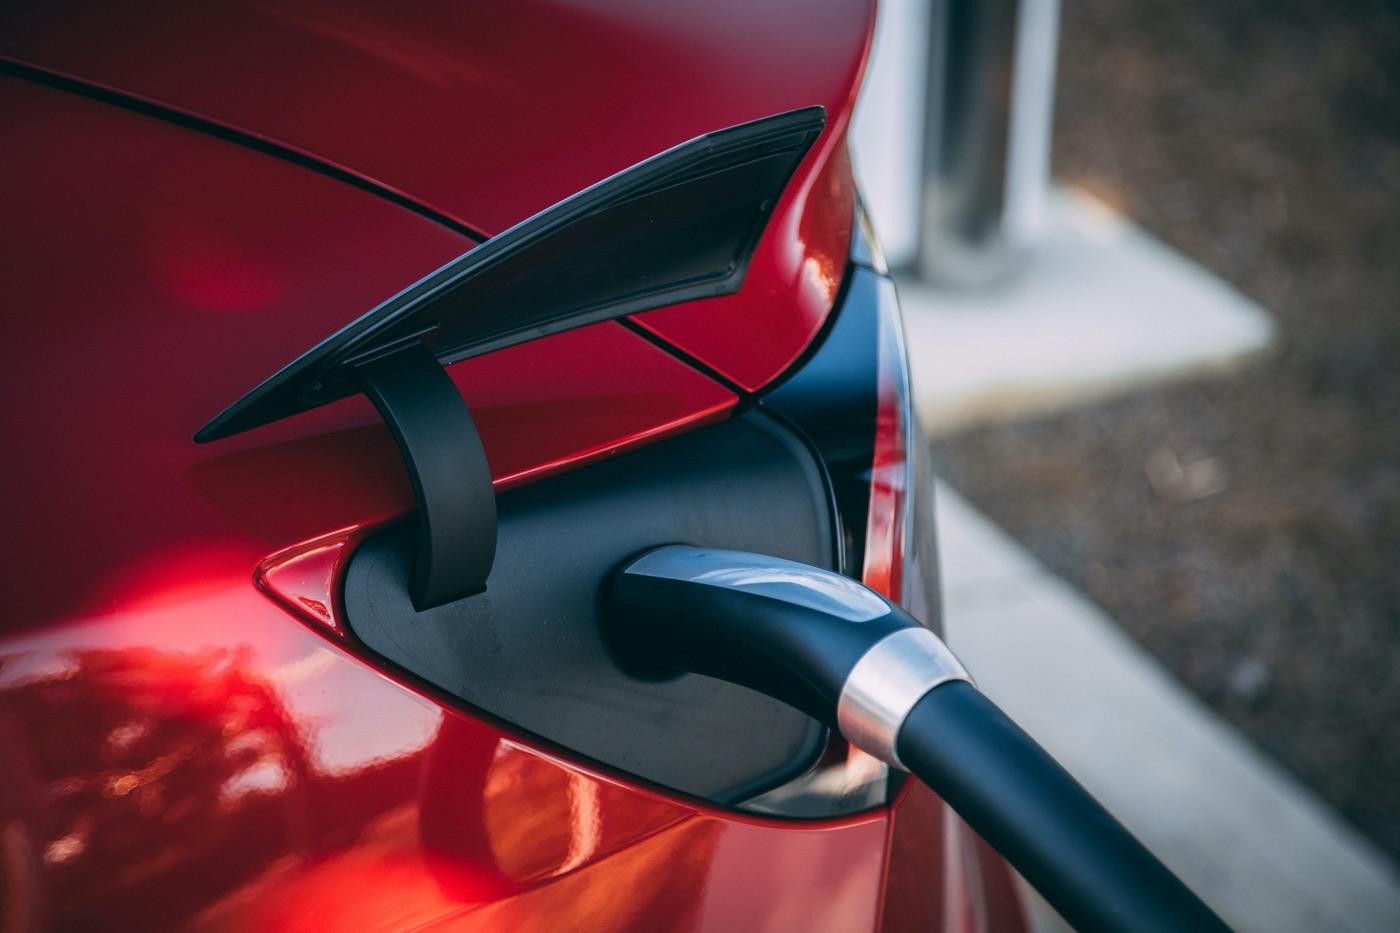 voiture electrique moins polluante